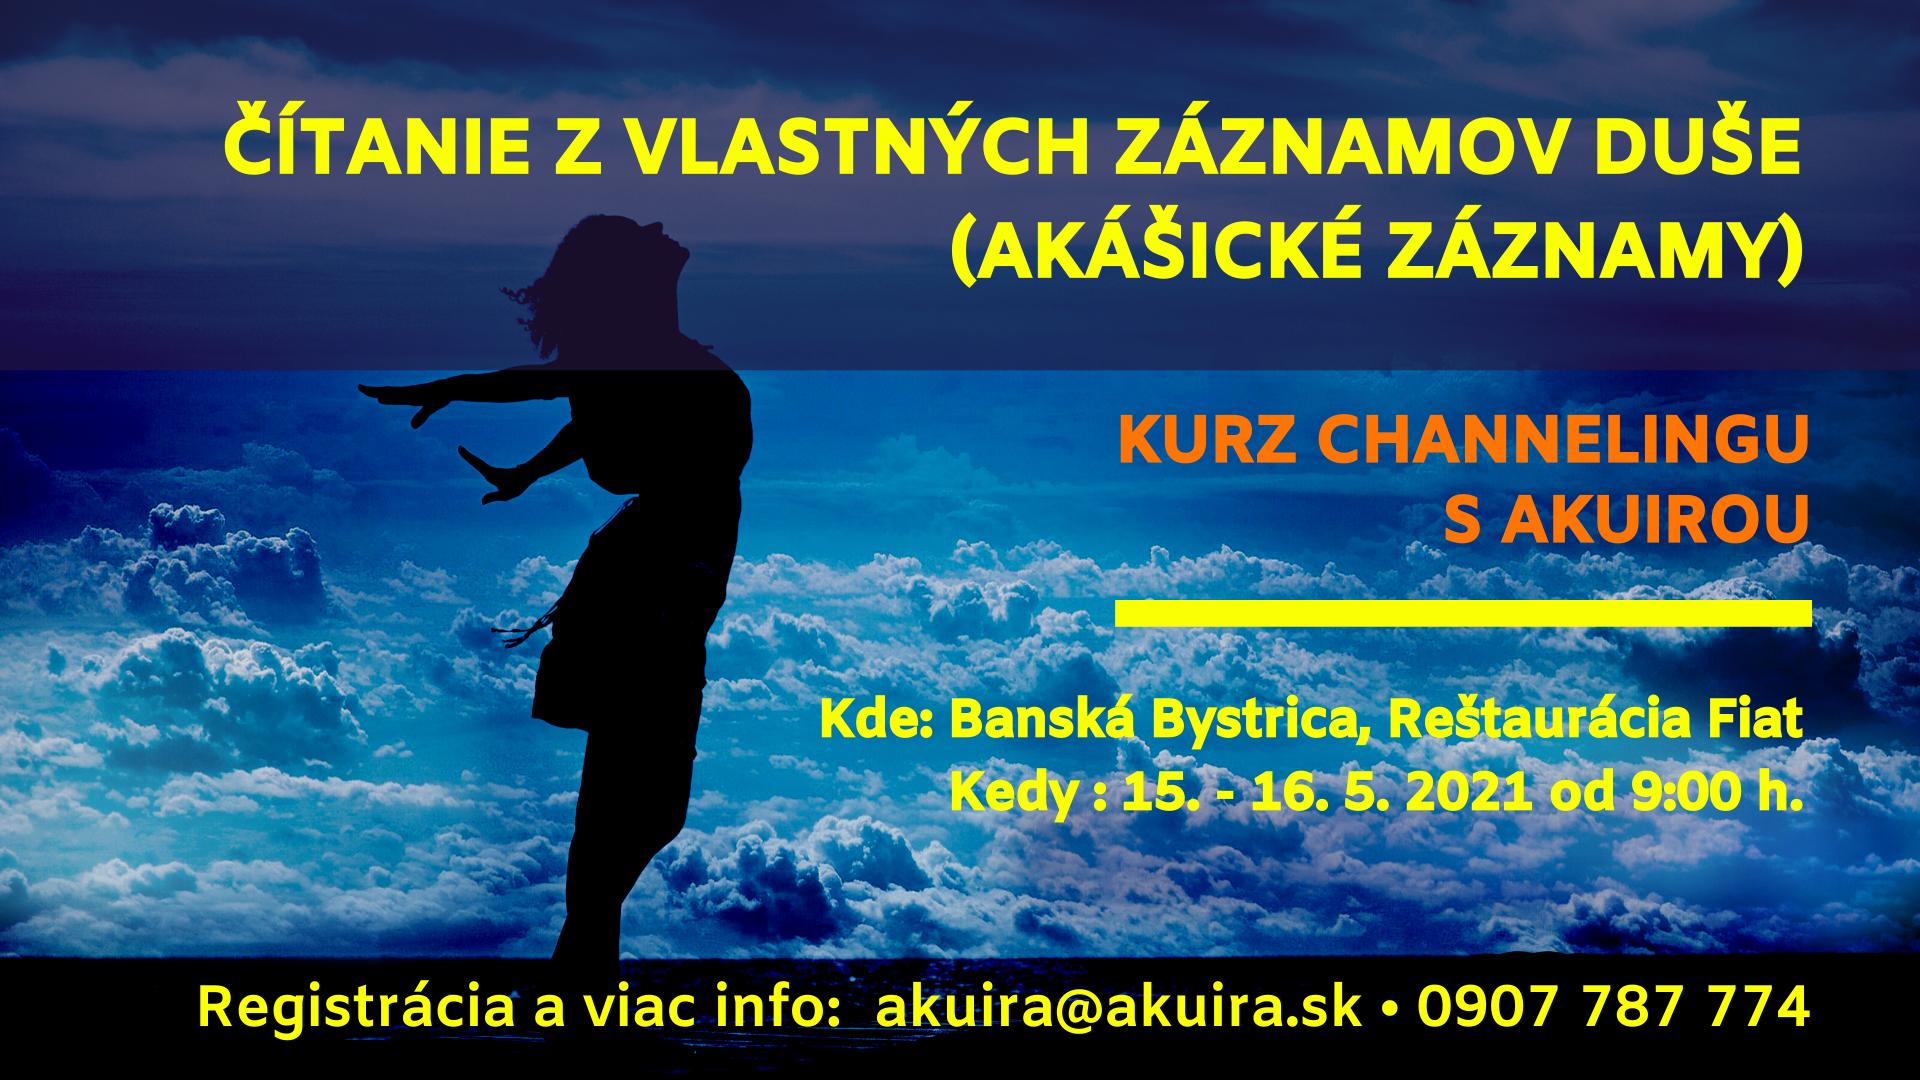 kurz channeling z akášických záznamov Banská Bystrica 15 - 16.5.2021